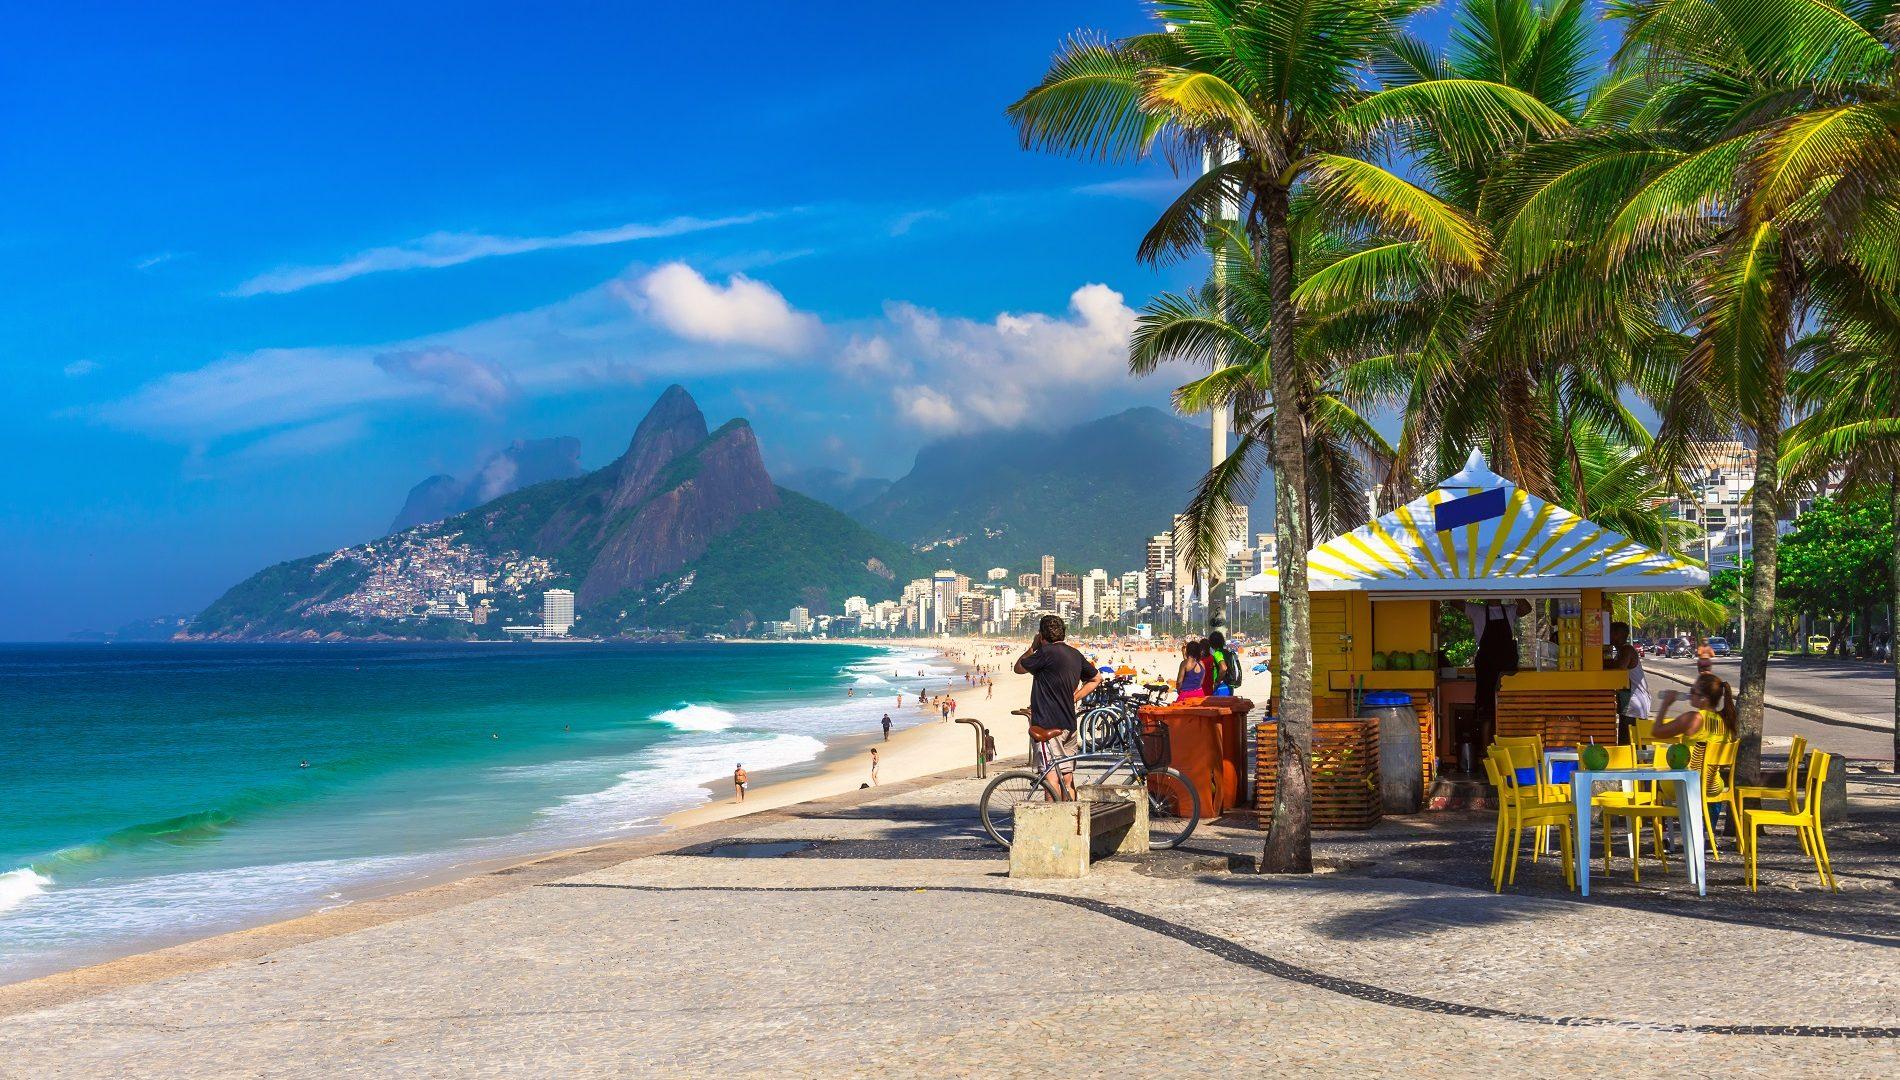 personas frente a una playa y debajo de unas palmeras